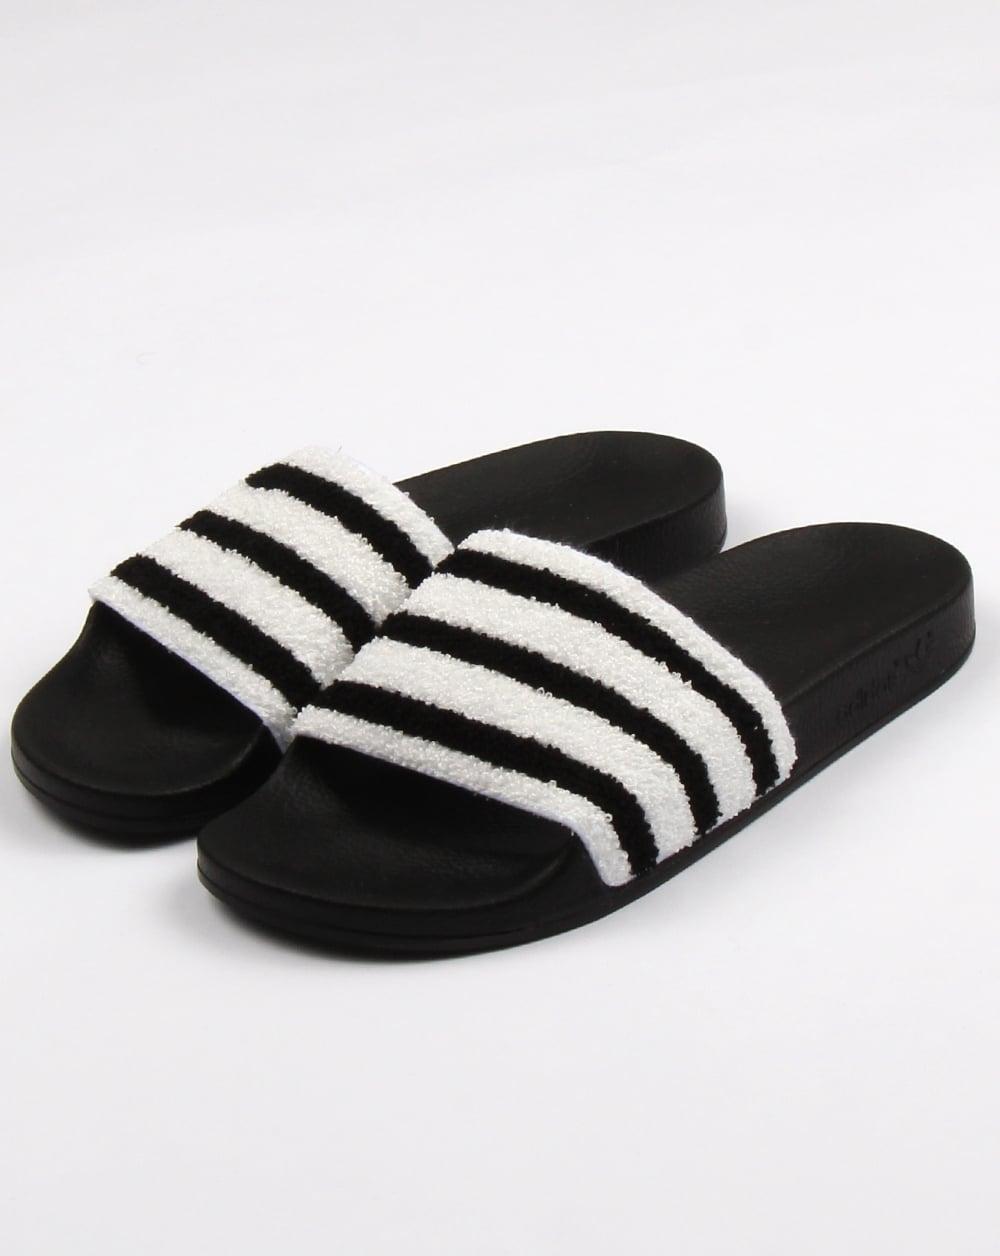 Nero And White Adidas Slides Cheap >Off47% Più Grande Catalogo